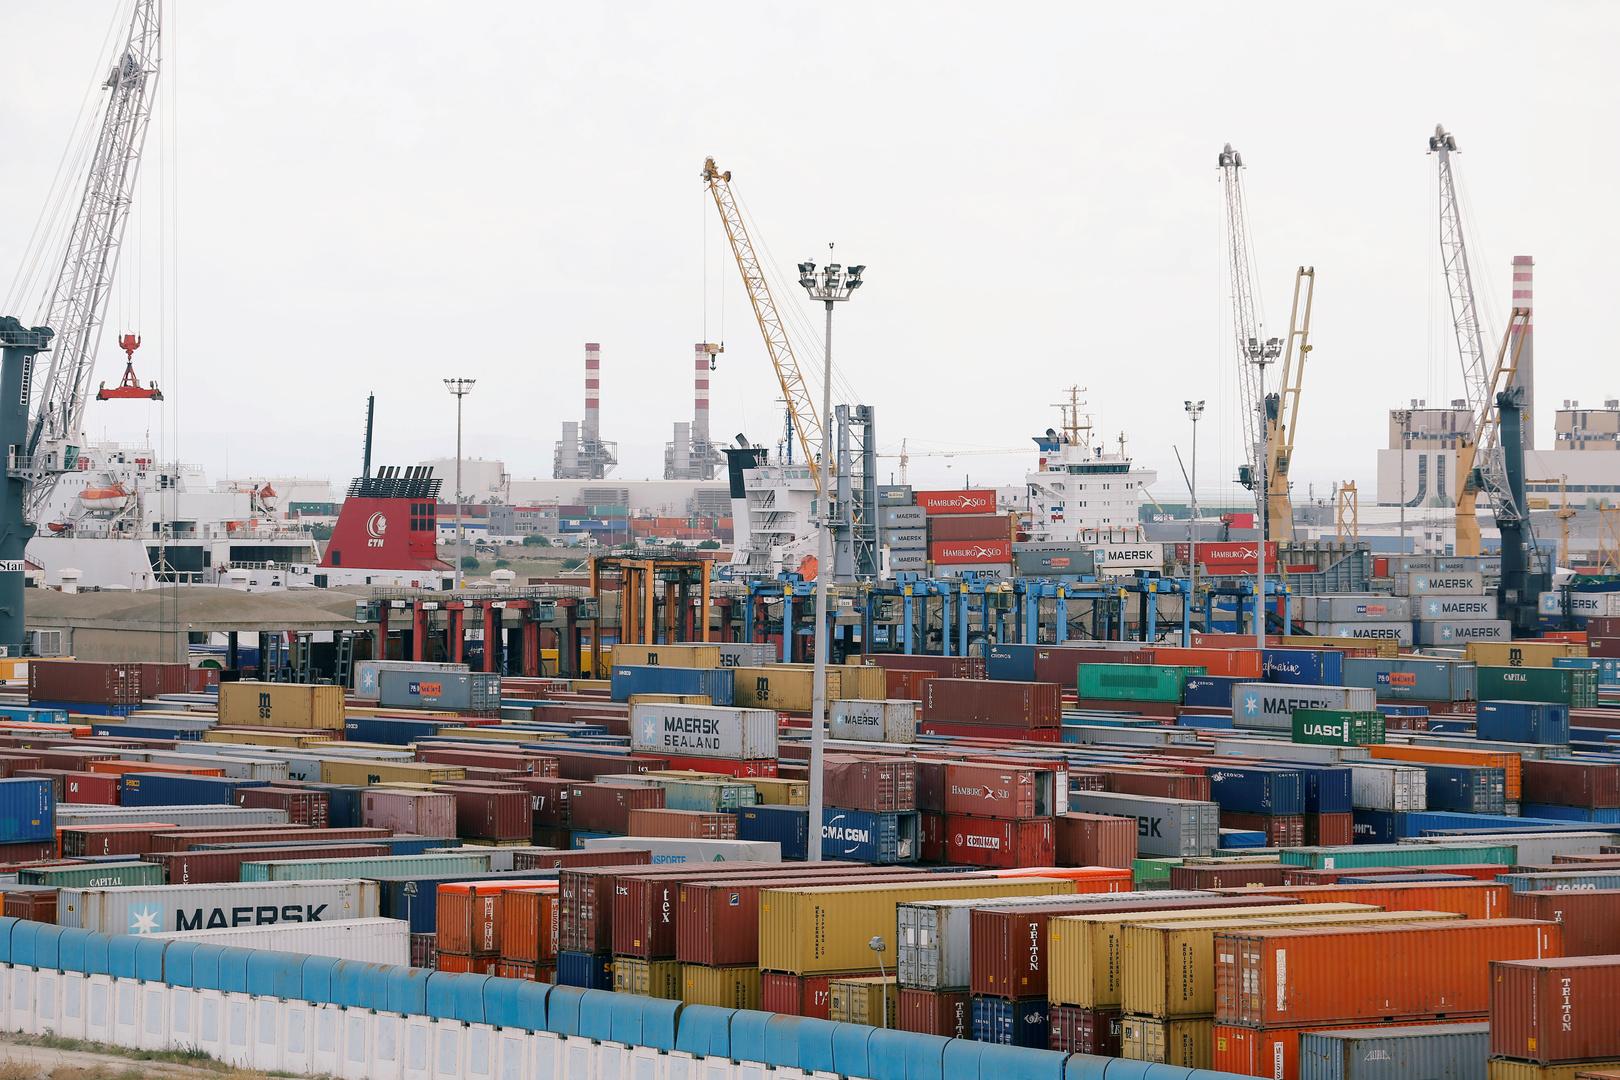 رئيس الحكومة التونسية السابق: لا علاقة لي بملف النفايات الإيطالية وسأقاضي كل من ينشر الشائعات